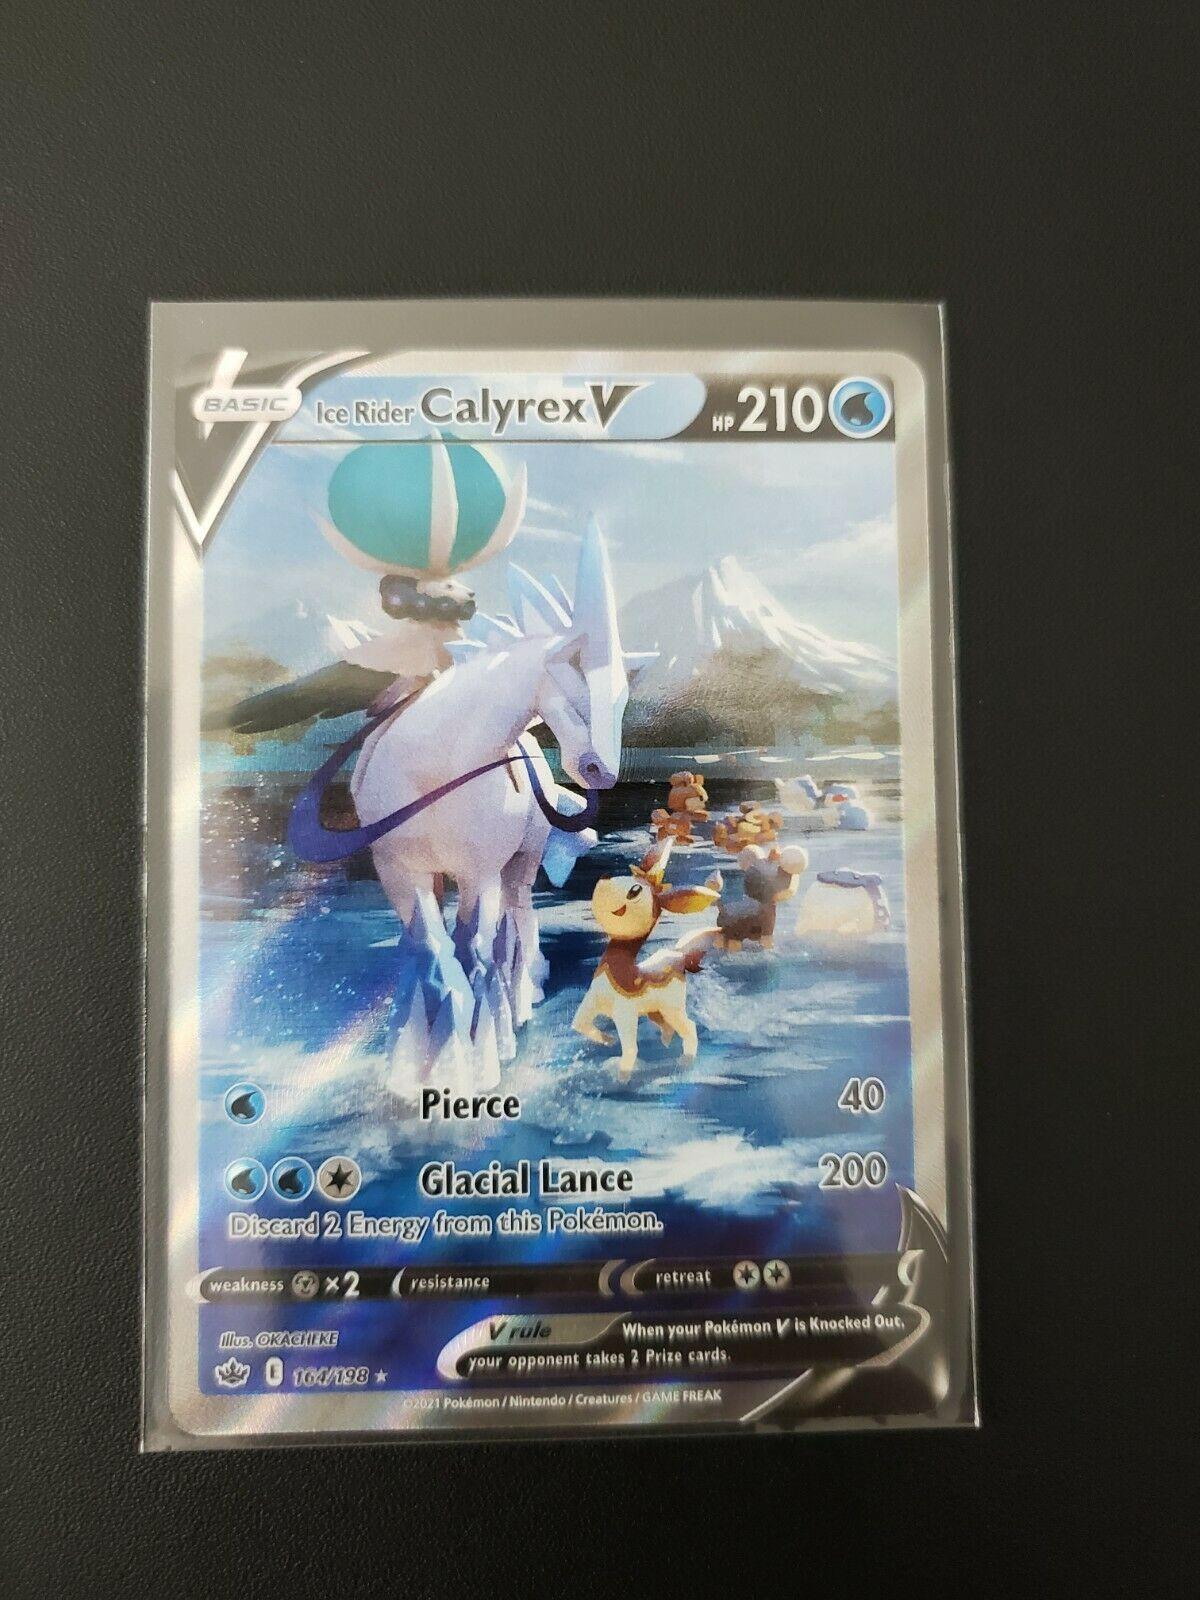 2021 Pokemon Chilling Reign Ice Rider Calyrex V Alternate Art. 164/198. NM.